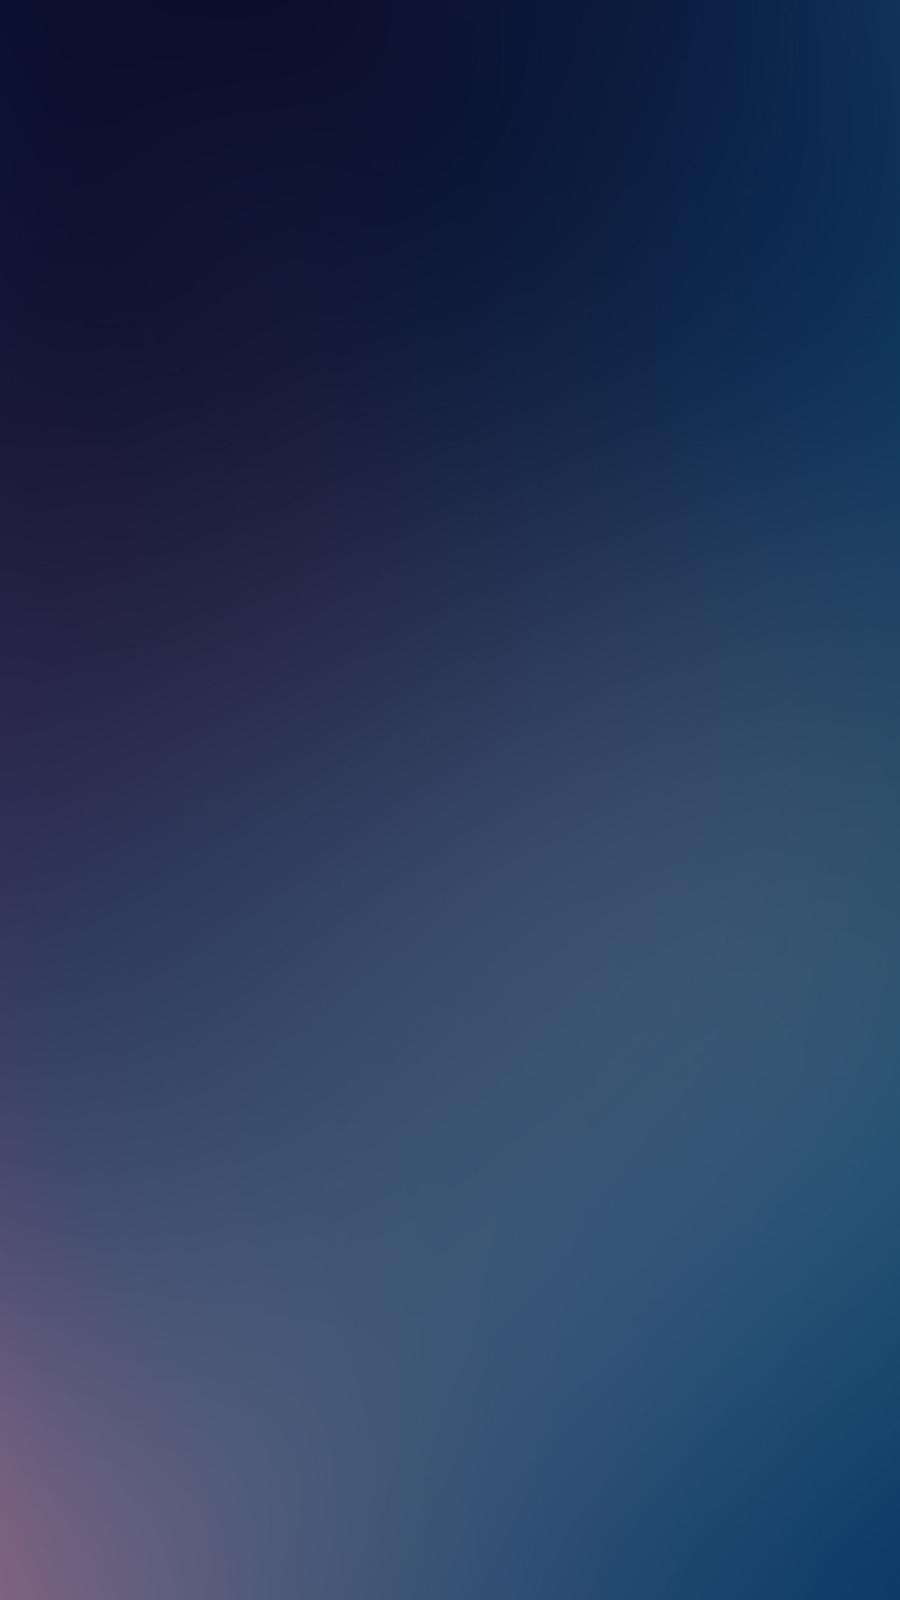 Blur Background Wallpaper